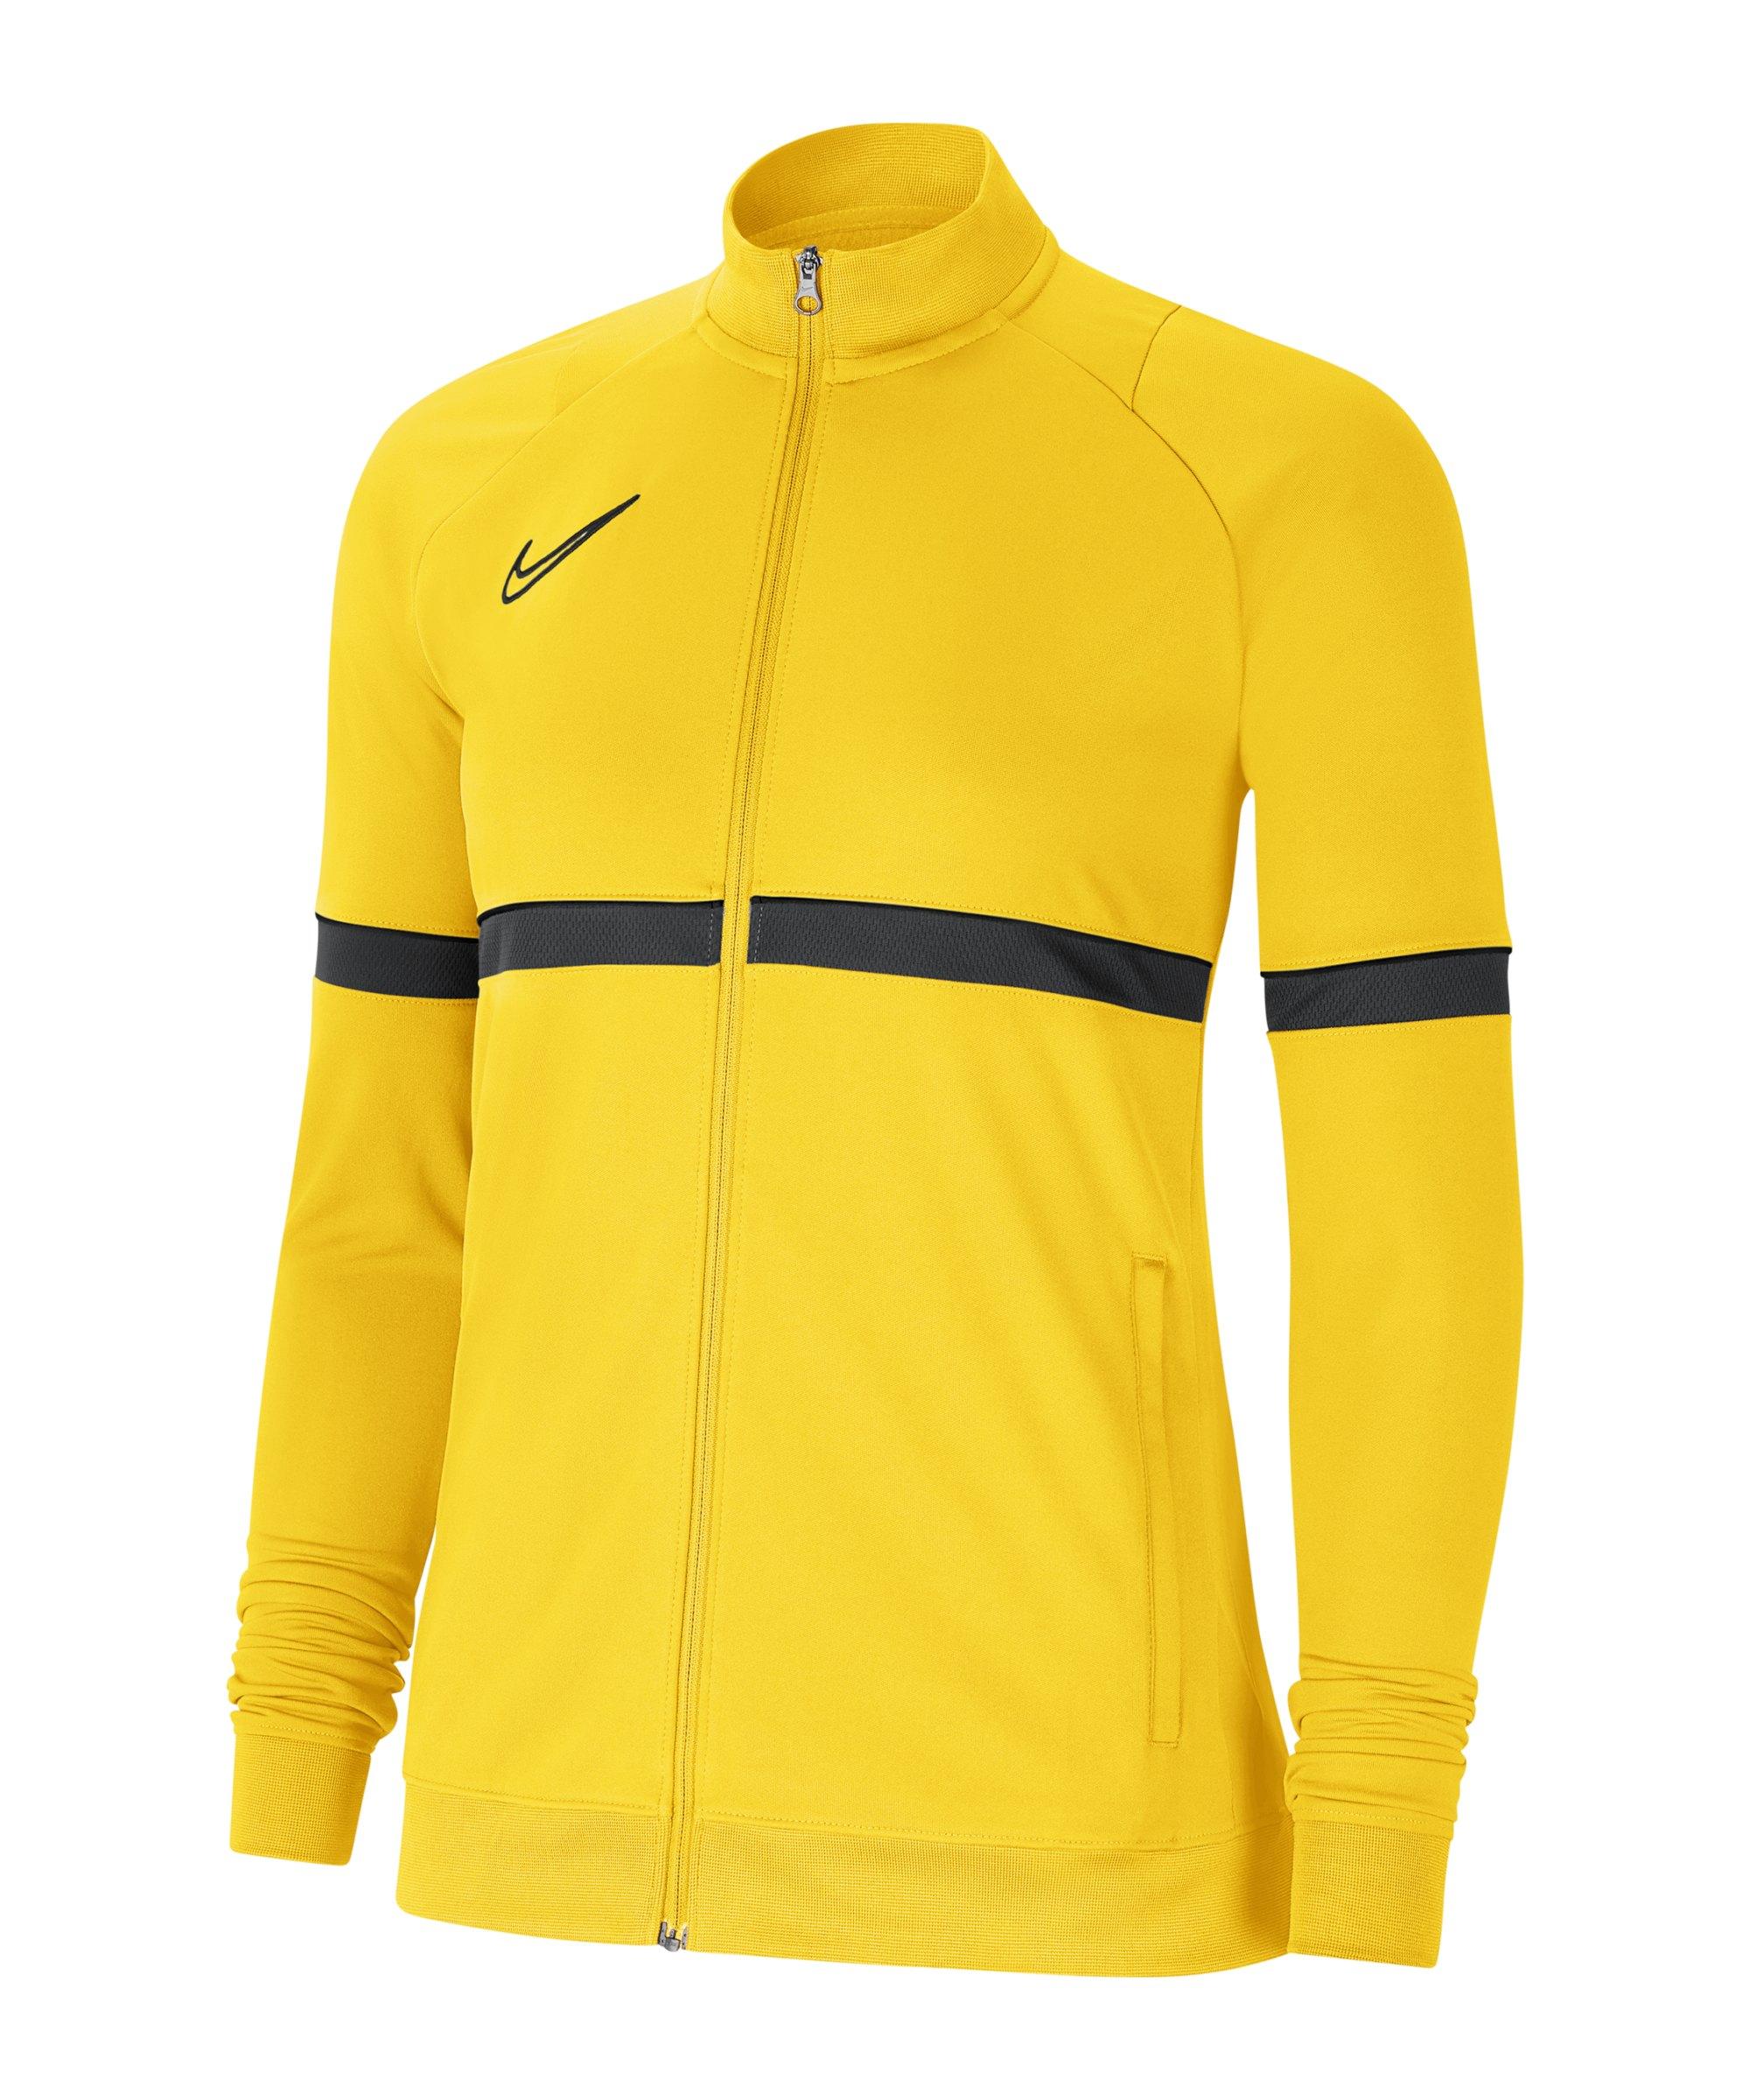 Nike Academy 21 Trainingsjacke Damen Gelb F719 - gelb